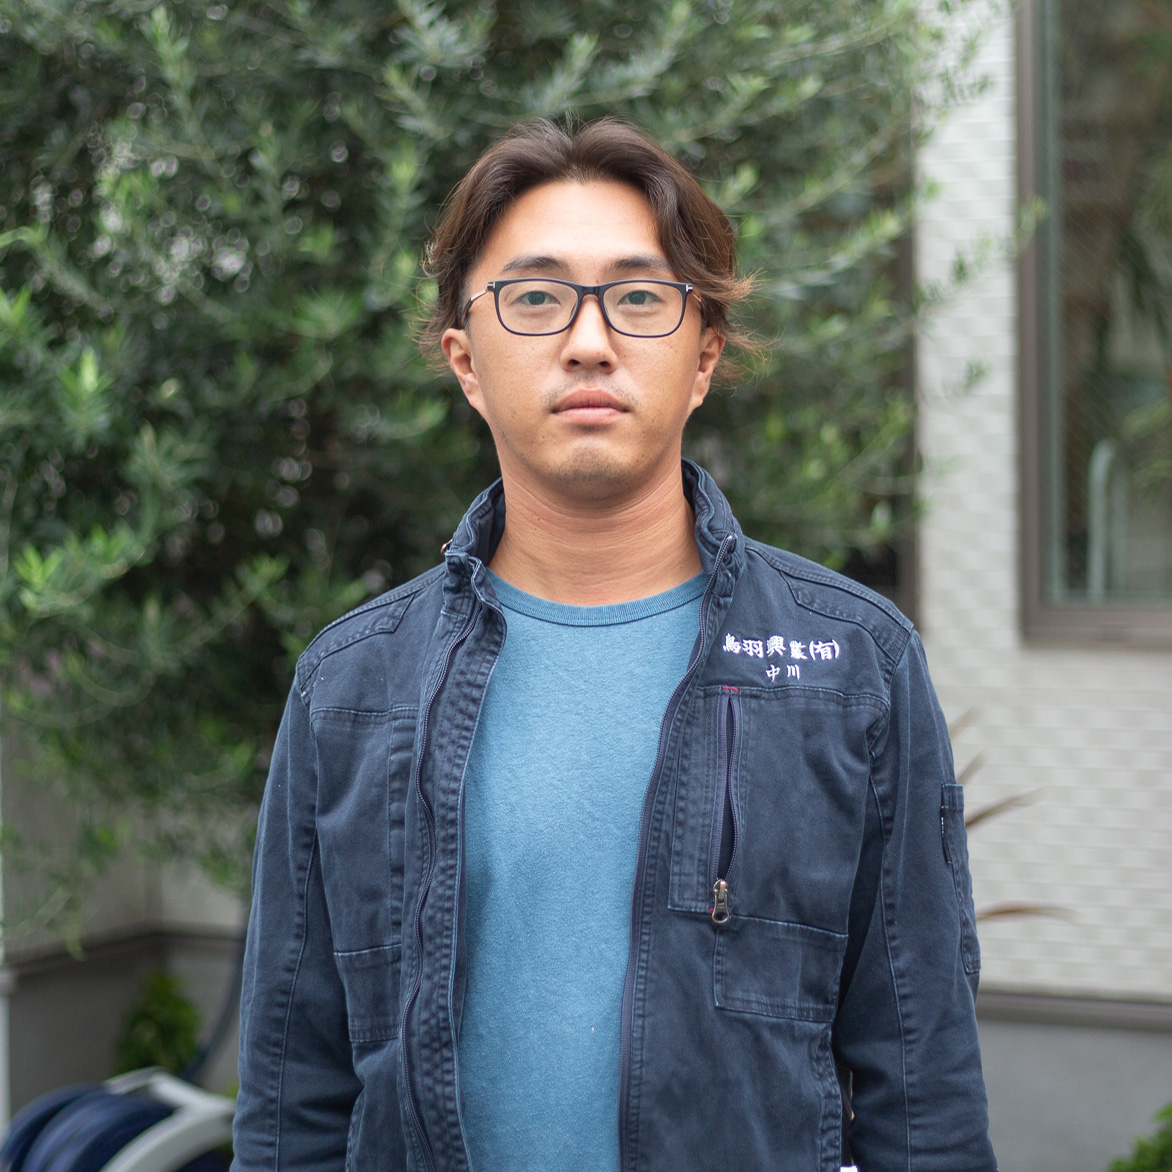 【鳥羽工業有限会社】 中川 健太郎